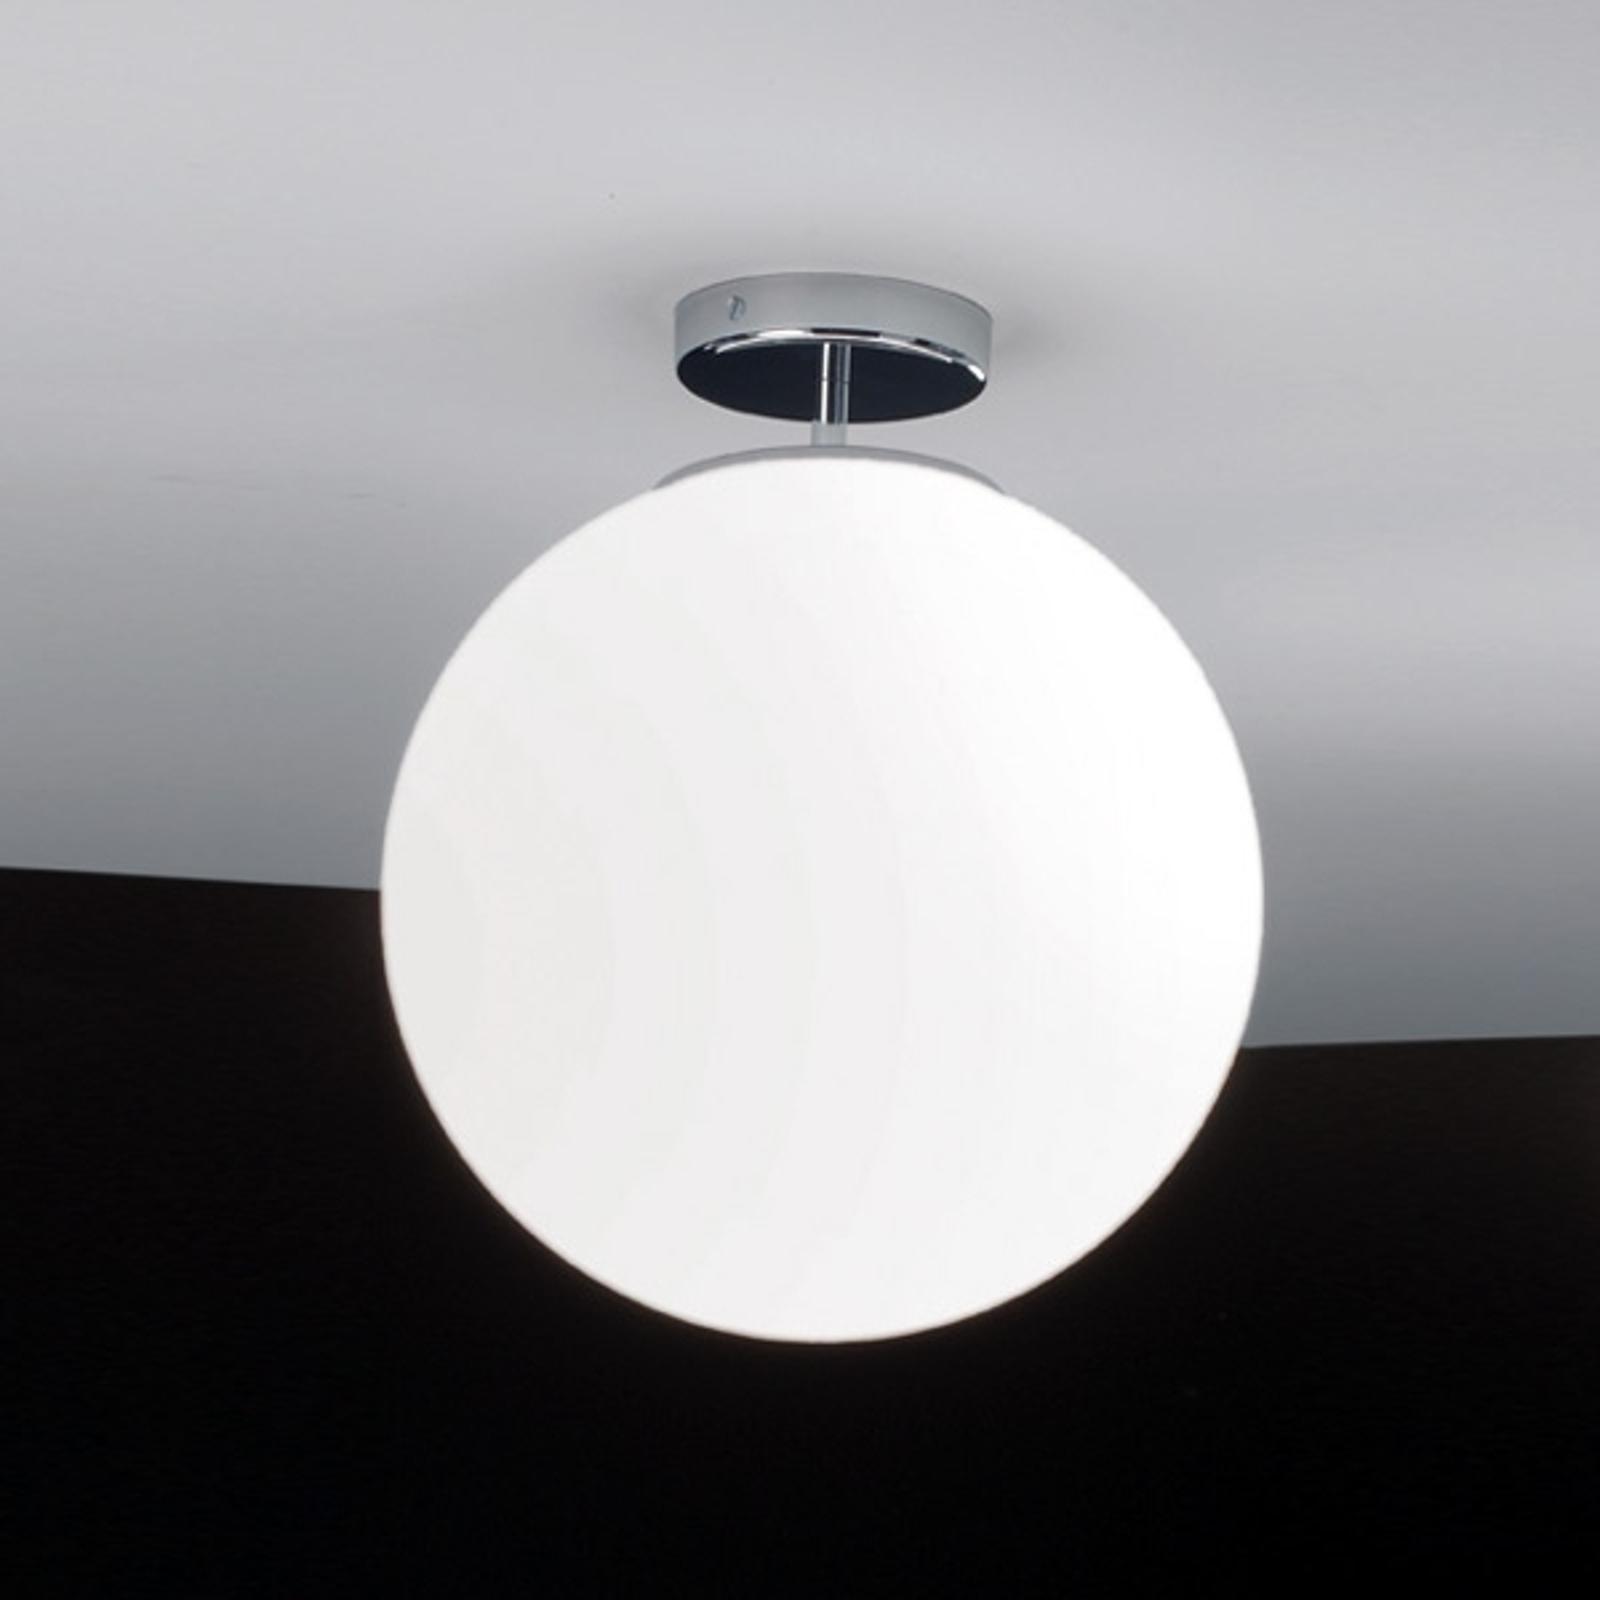 Sklenené stropné svietidlo Sferis_1053049_1